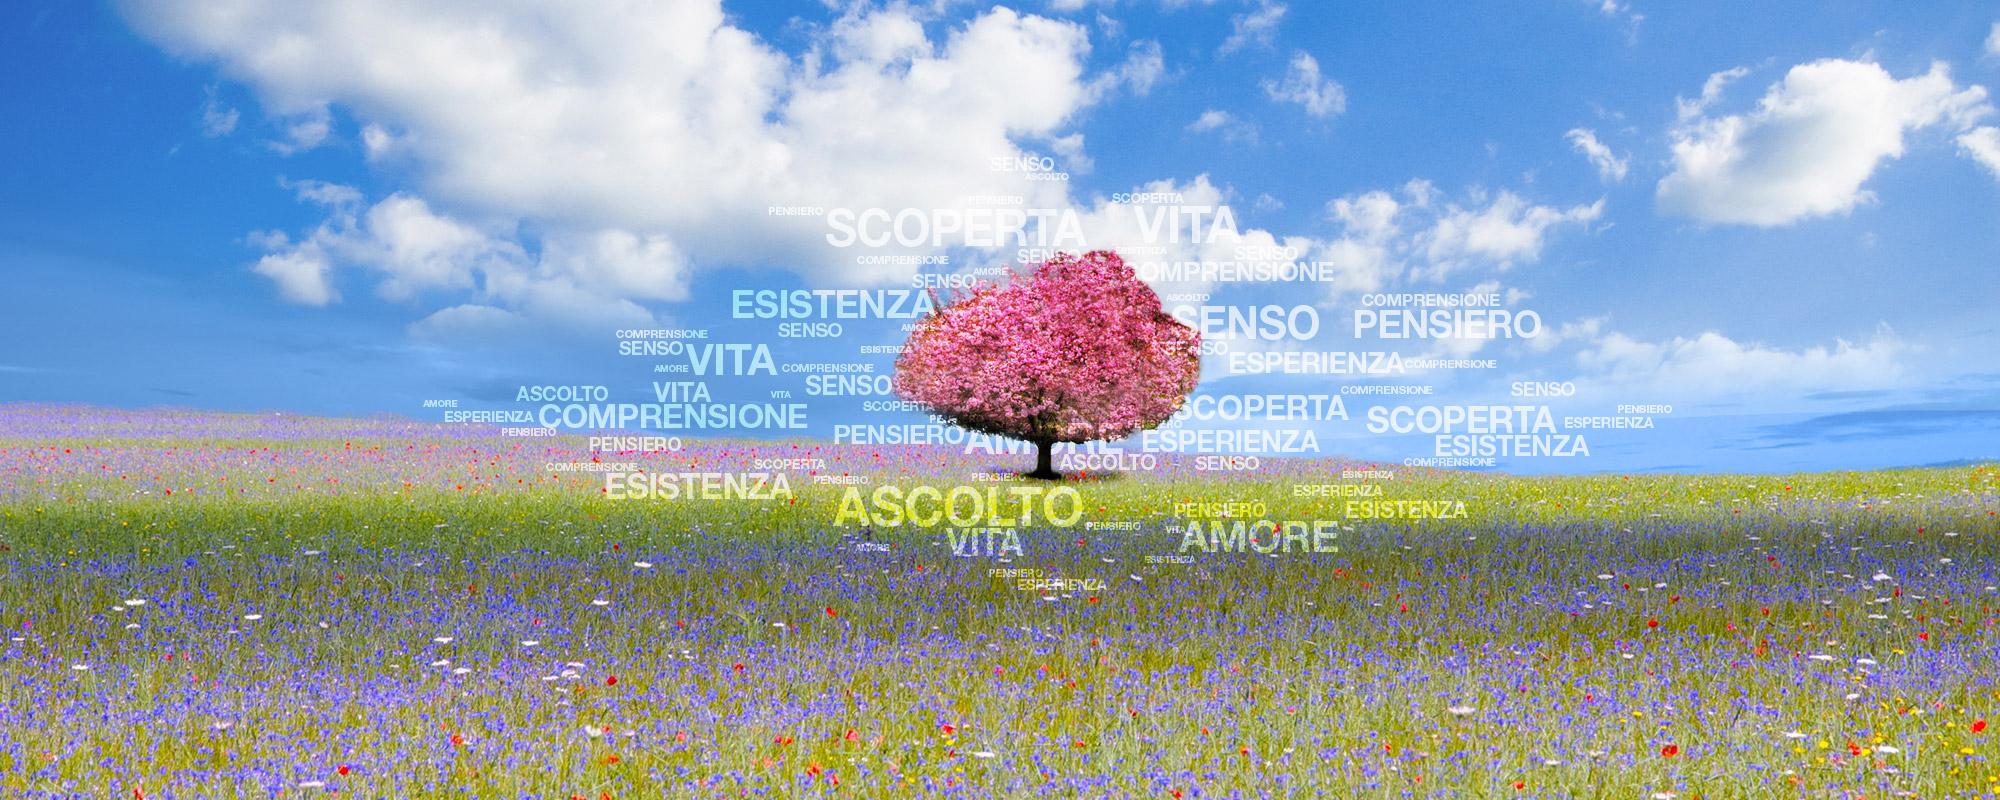 Primavera_2000x800_Home1